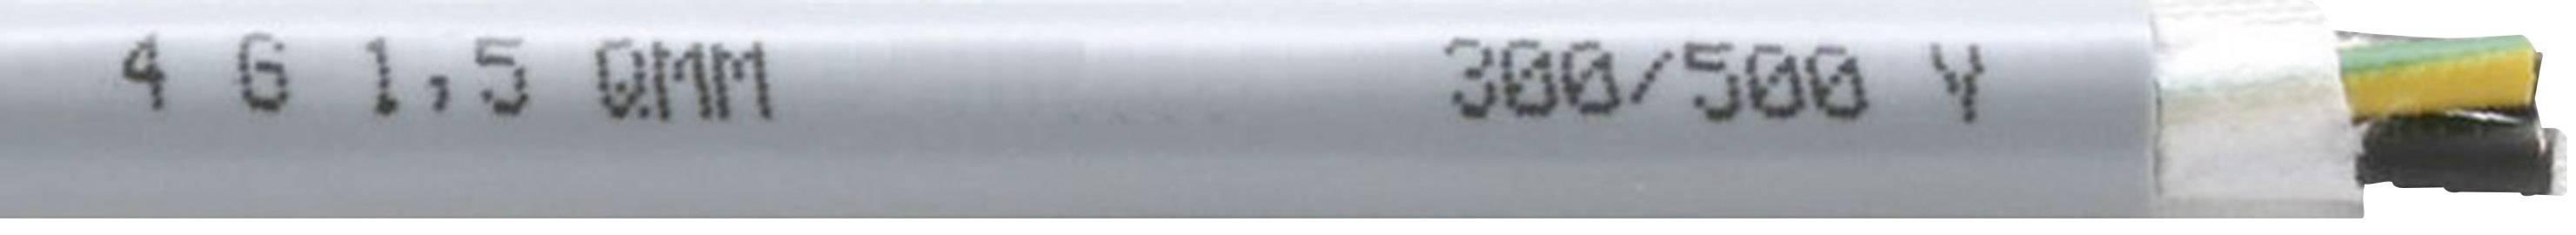 Tažný kabel Faber Kabel EFK 310 Y 310 UL/CSA-SCHLEPPLTG.PVC/PVC (035452), 4x 1,5 mm², PVC, Ø 8,9 mm, nestíněný